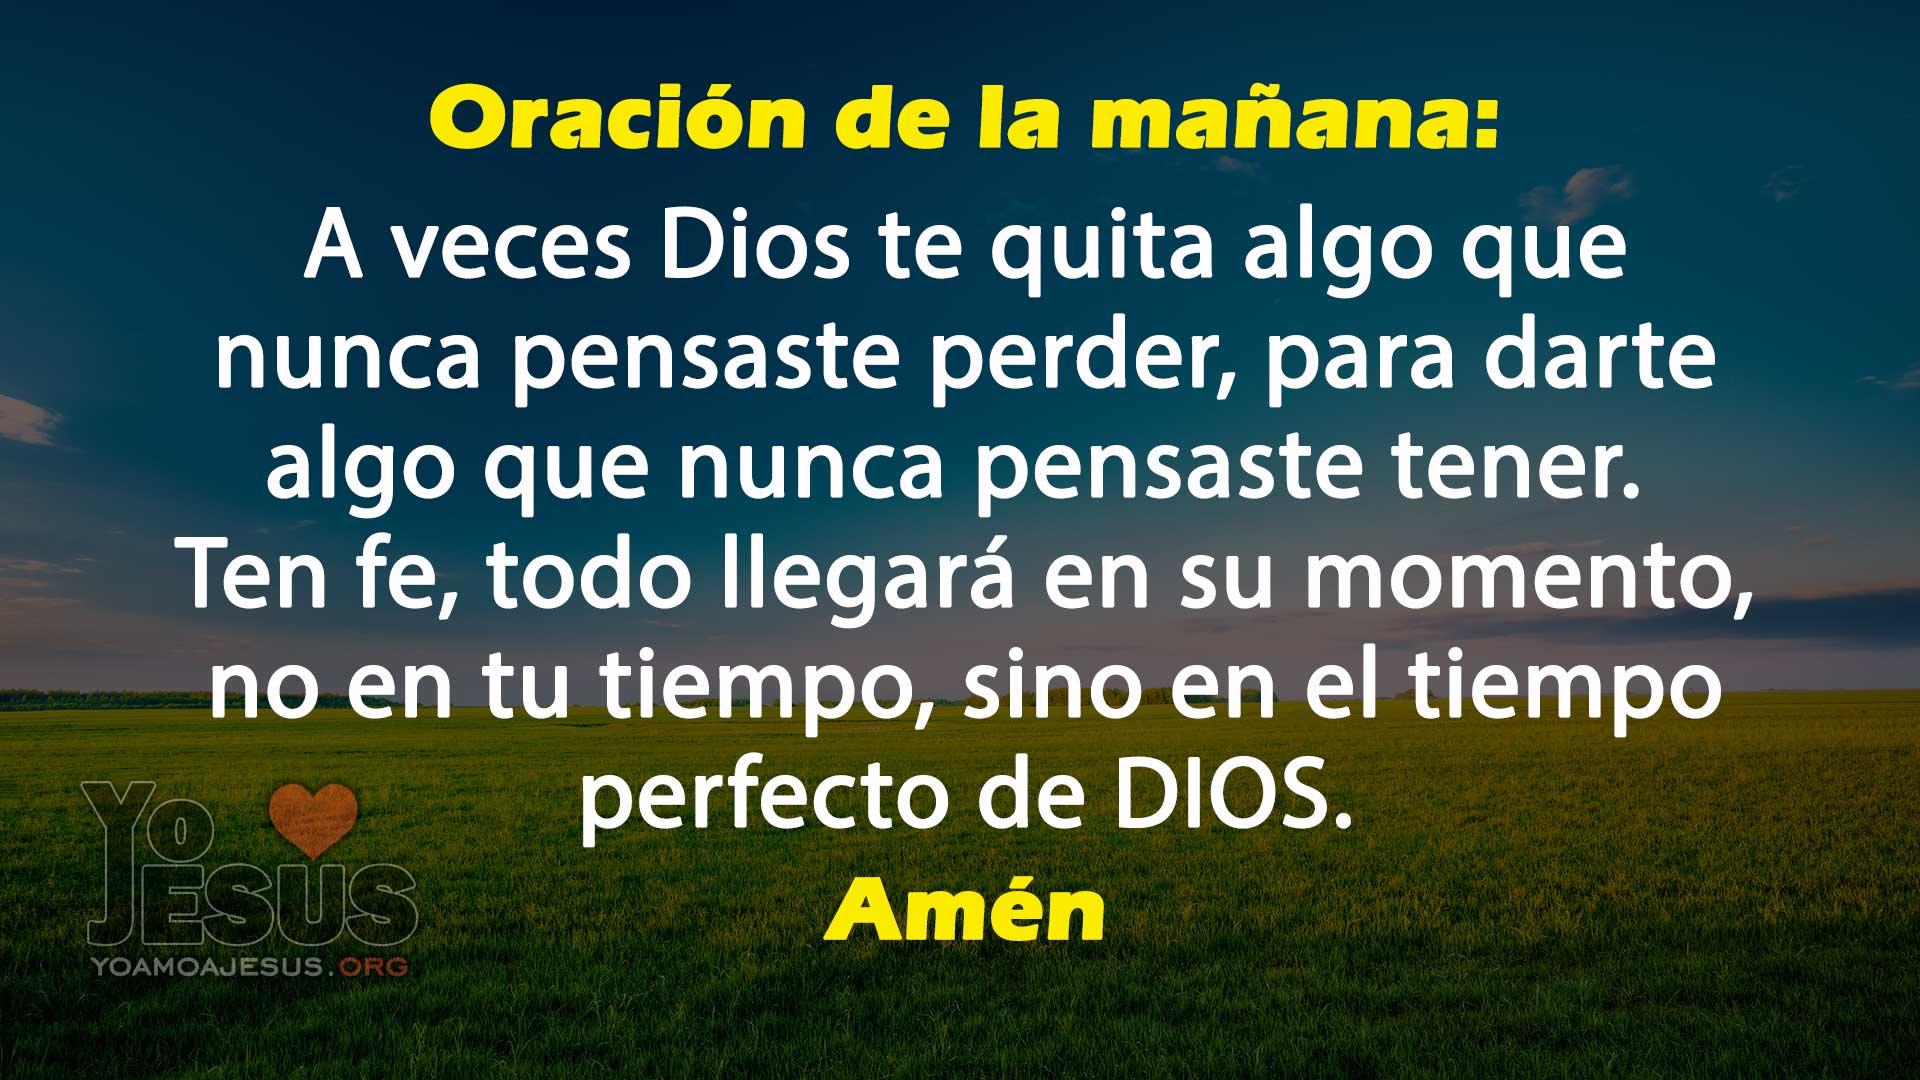 🙏 Oración de la mañana: Ten fe que todo llegará en su momento - Yo ❤️ a Jesús